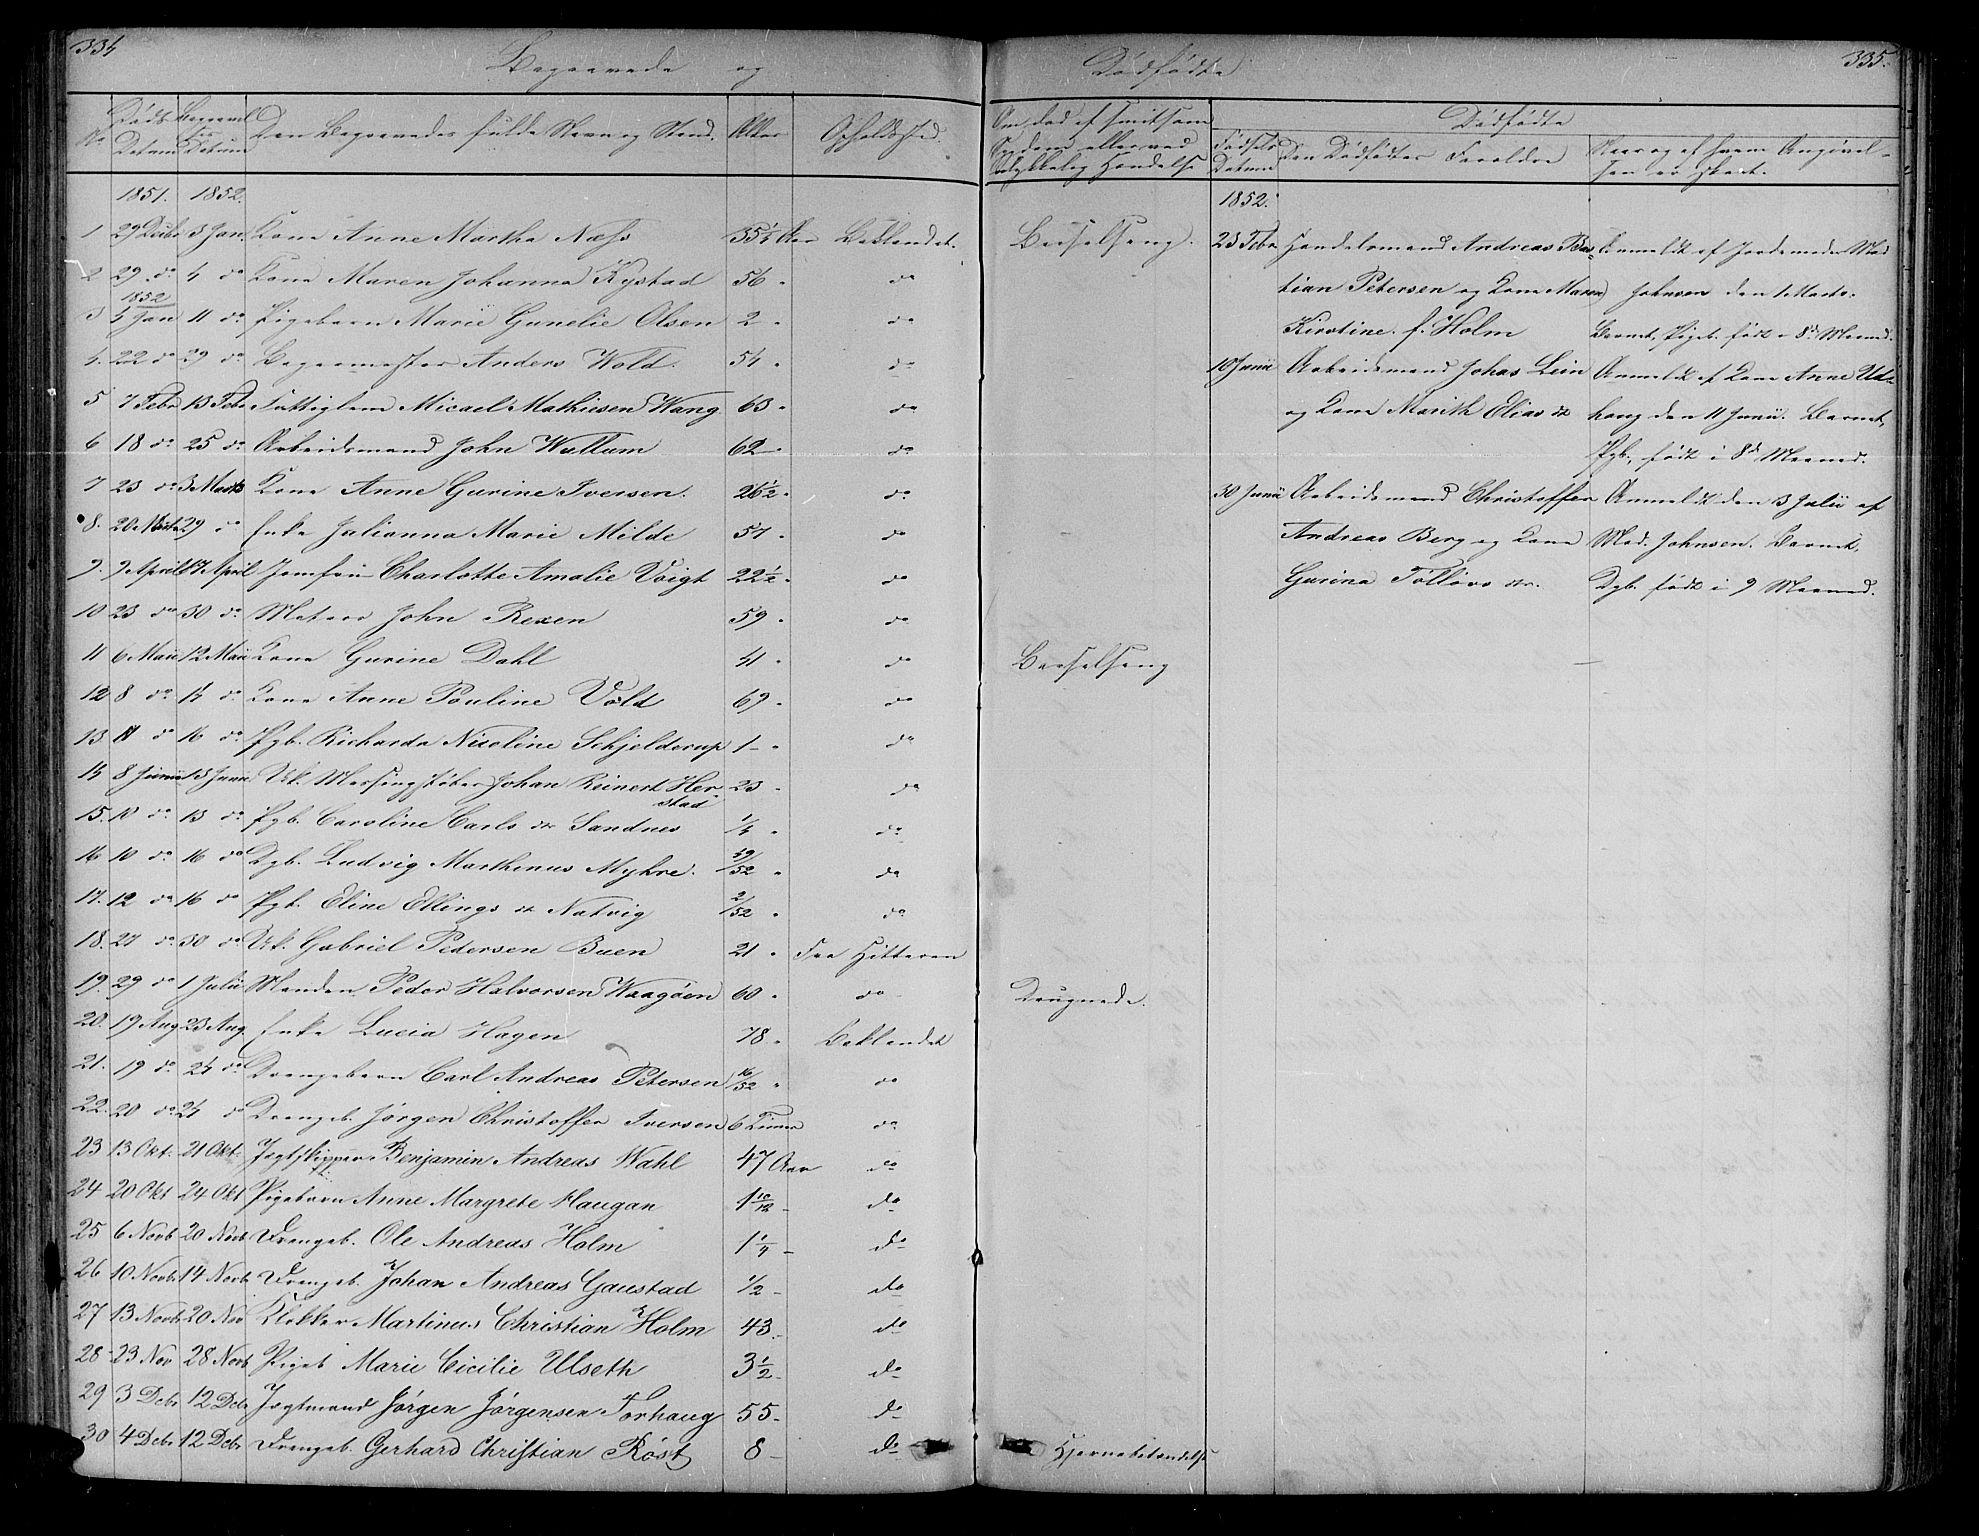 SAT, Ministerialprotokoller, klokkerbøker og fødselsregistre - Sør-Trøndelag, 604/L0219: Klokkerbok nr. 604C02, 1851-1869, s. 334-335